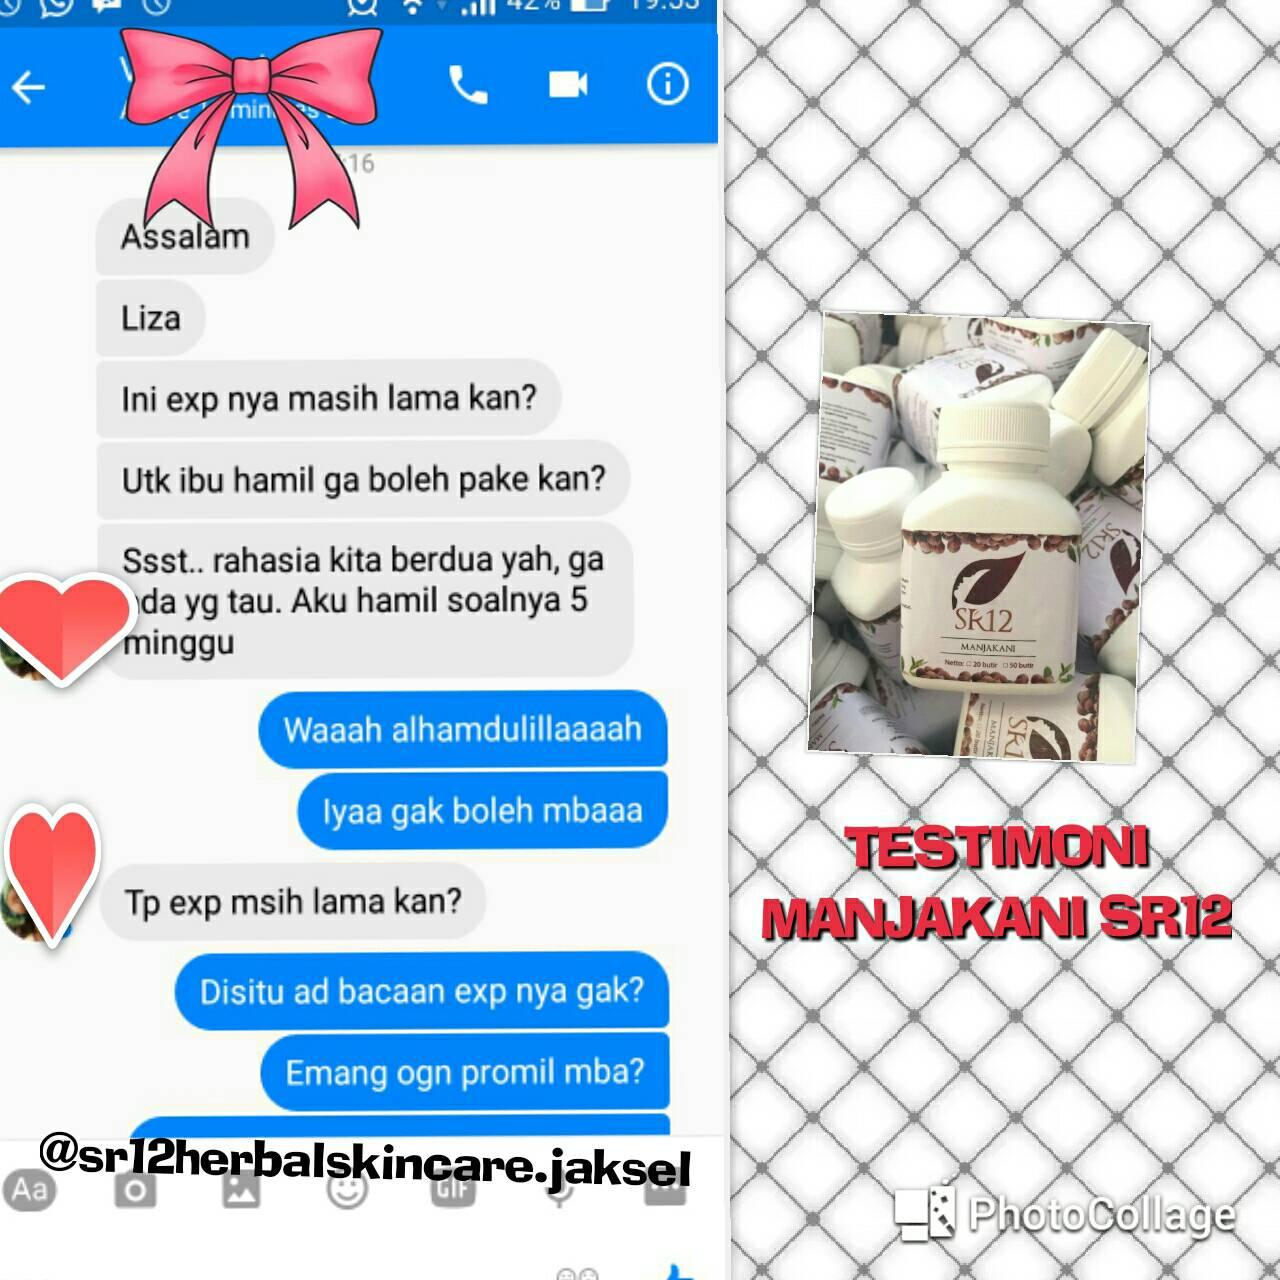 Sr12 Herbal Skincare Jakarta Cara Pakai Manjakani Untuk Promil Salimah Slim Berikut Ini Program Hamil